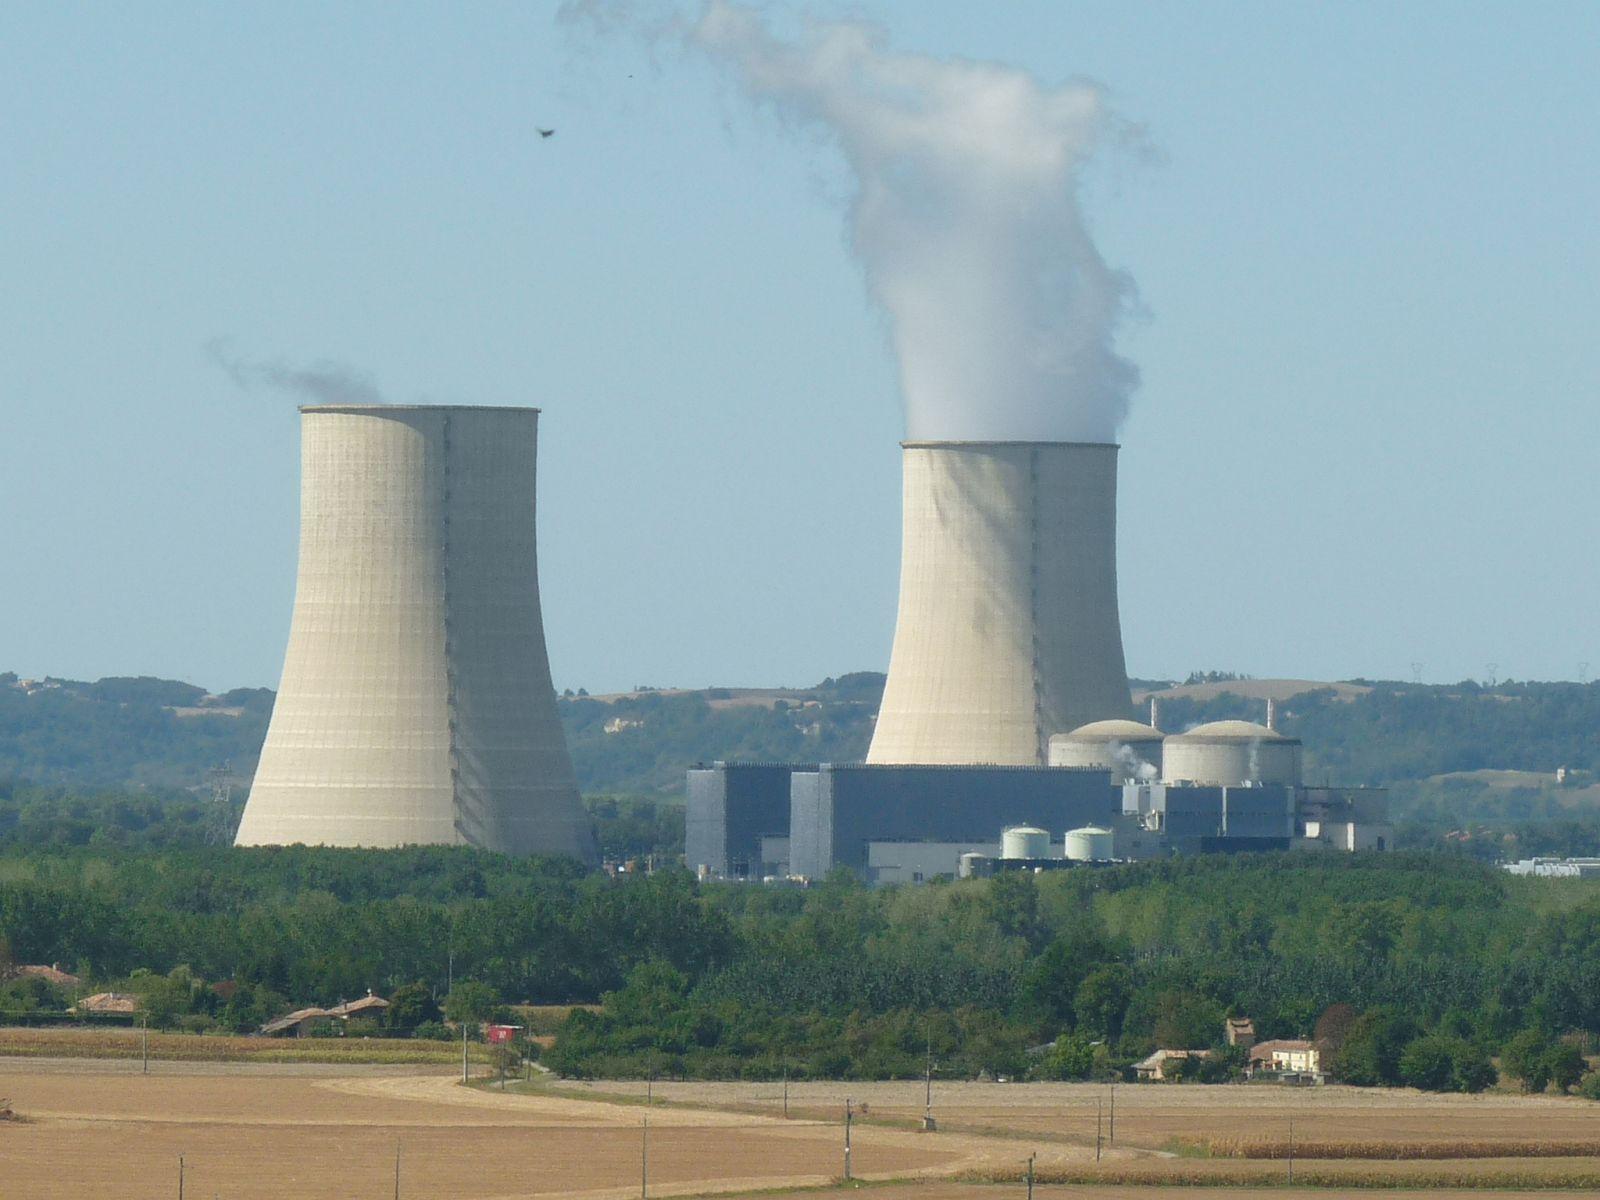 jaderná energie - JE Golfech potvrdila před agenturou MAAE vysokou úroveň bezpečnosti - Ve světě (Golfech auvillar) 2